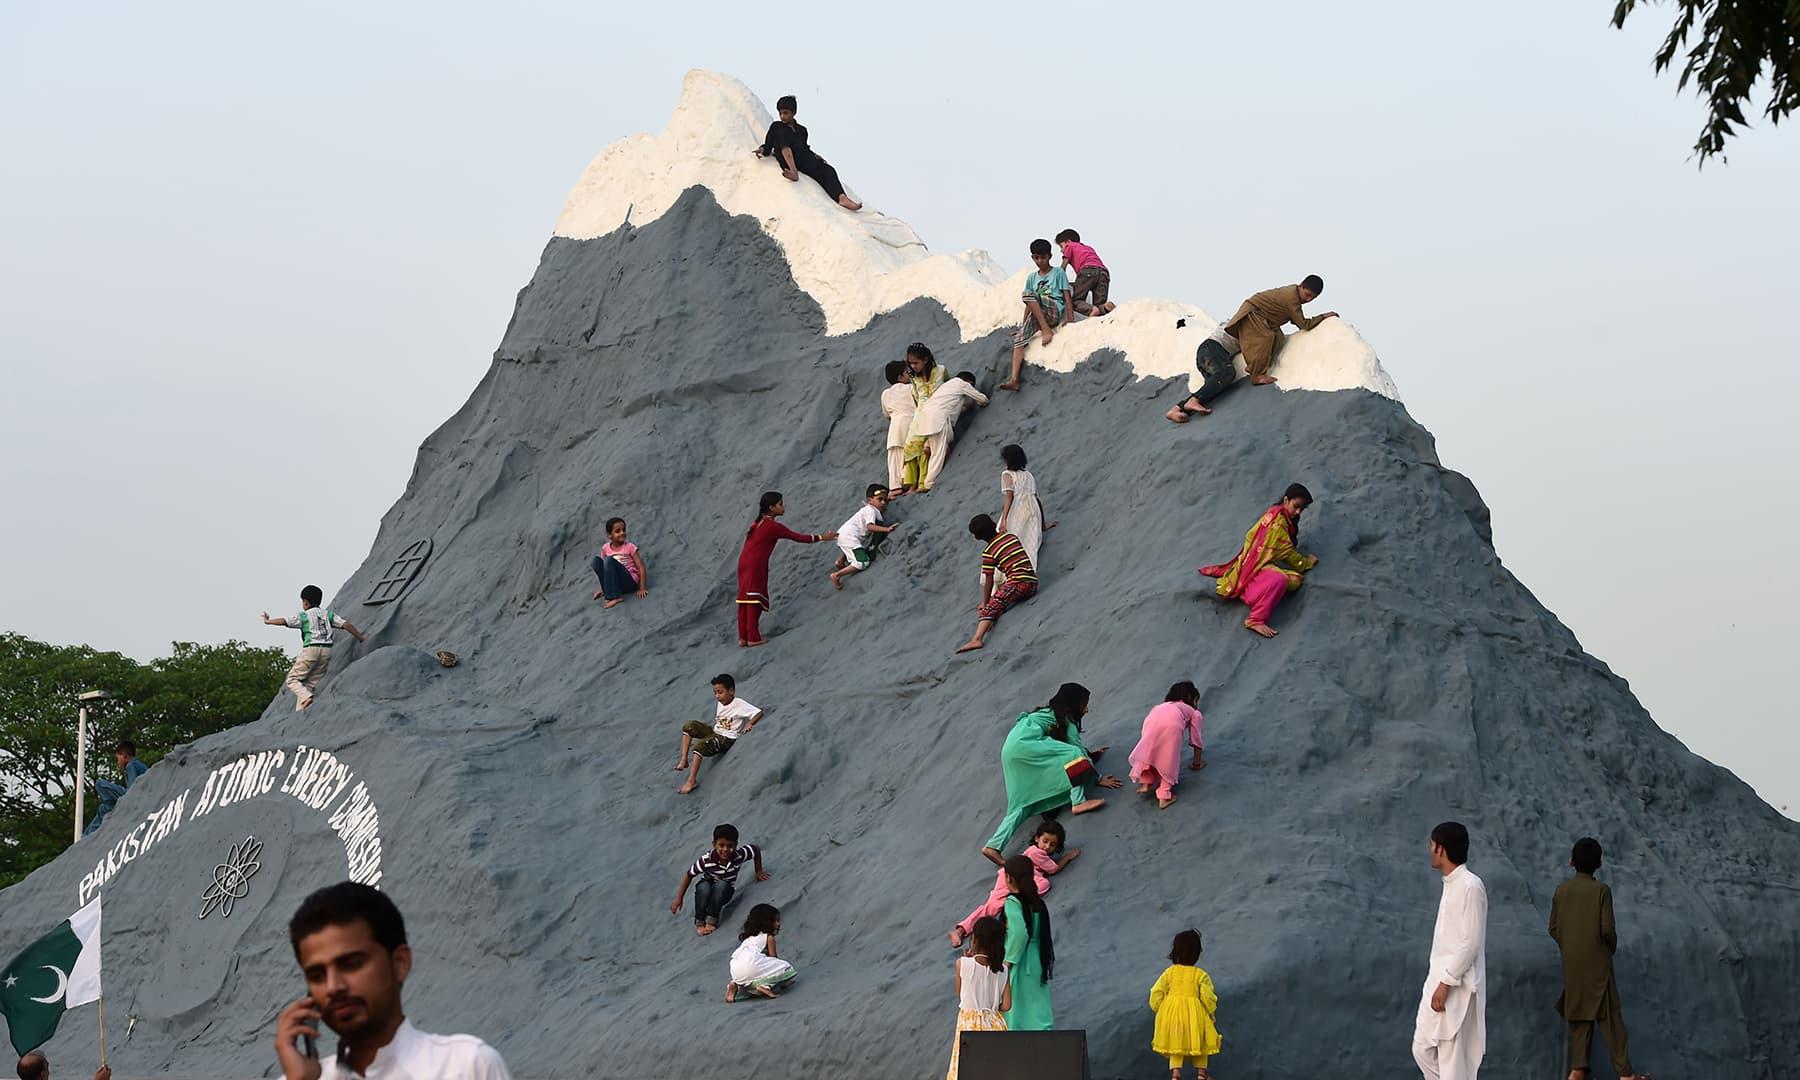 یوم آزادی کے موقع پر چاغی پہاڑ کی نقش ثانی بنائی گئی — فوٹو اے ایف پی